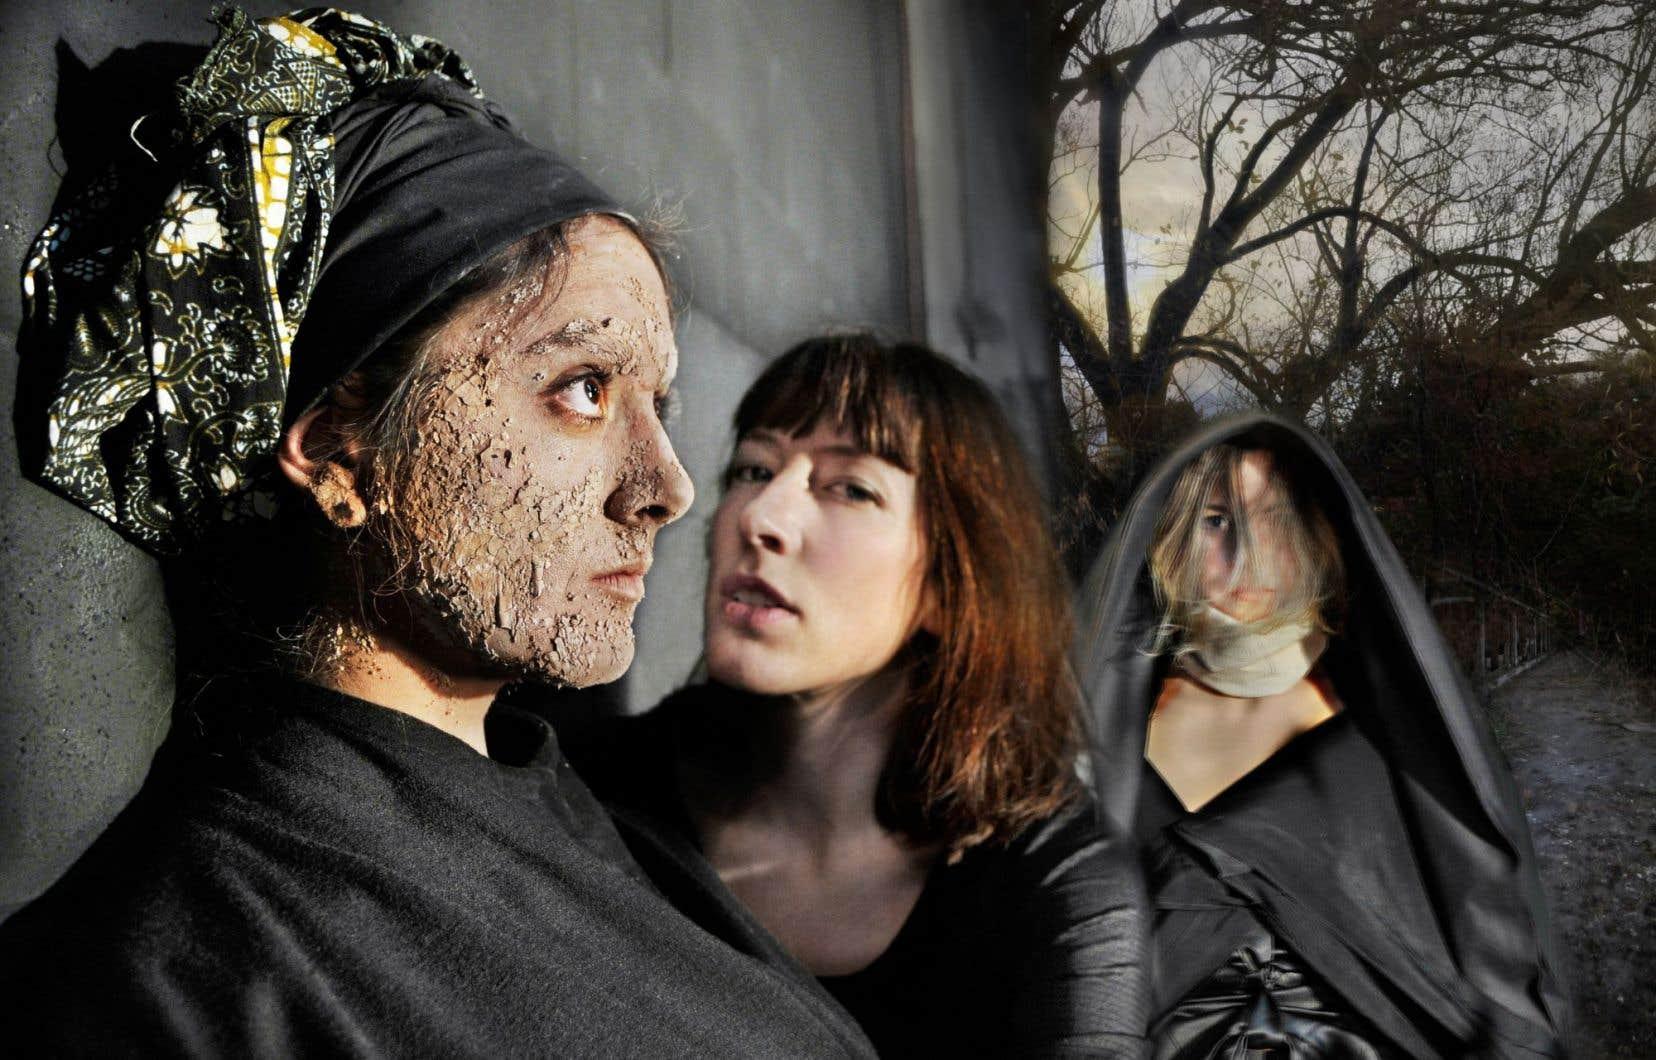 Tout au long de l'oeuvre, les interprètes Marie-Annick Béliveau, Anne Julien et Janet Warrington bougent en chantant, d'un pas souvent lent et même immobile.